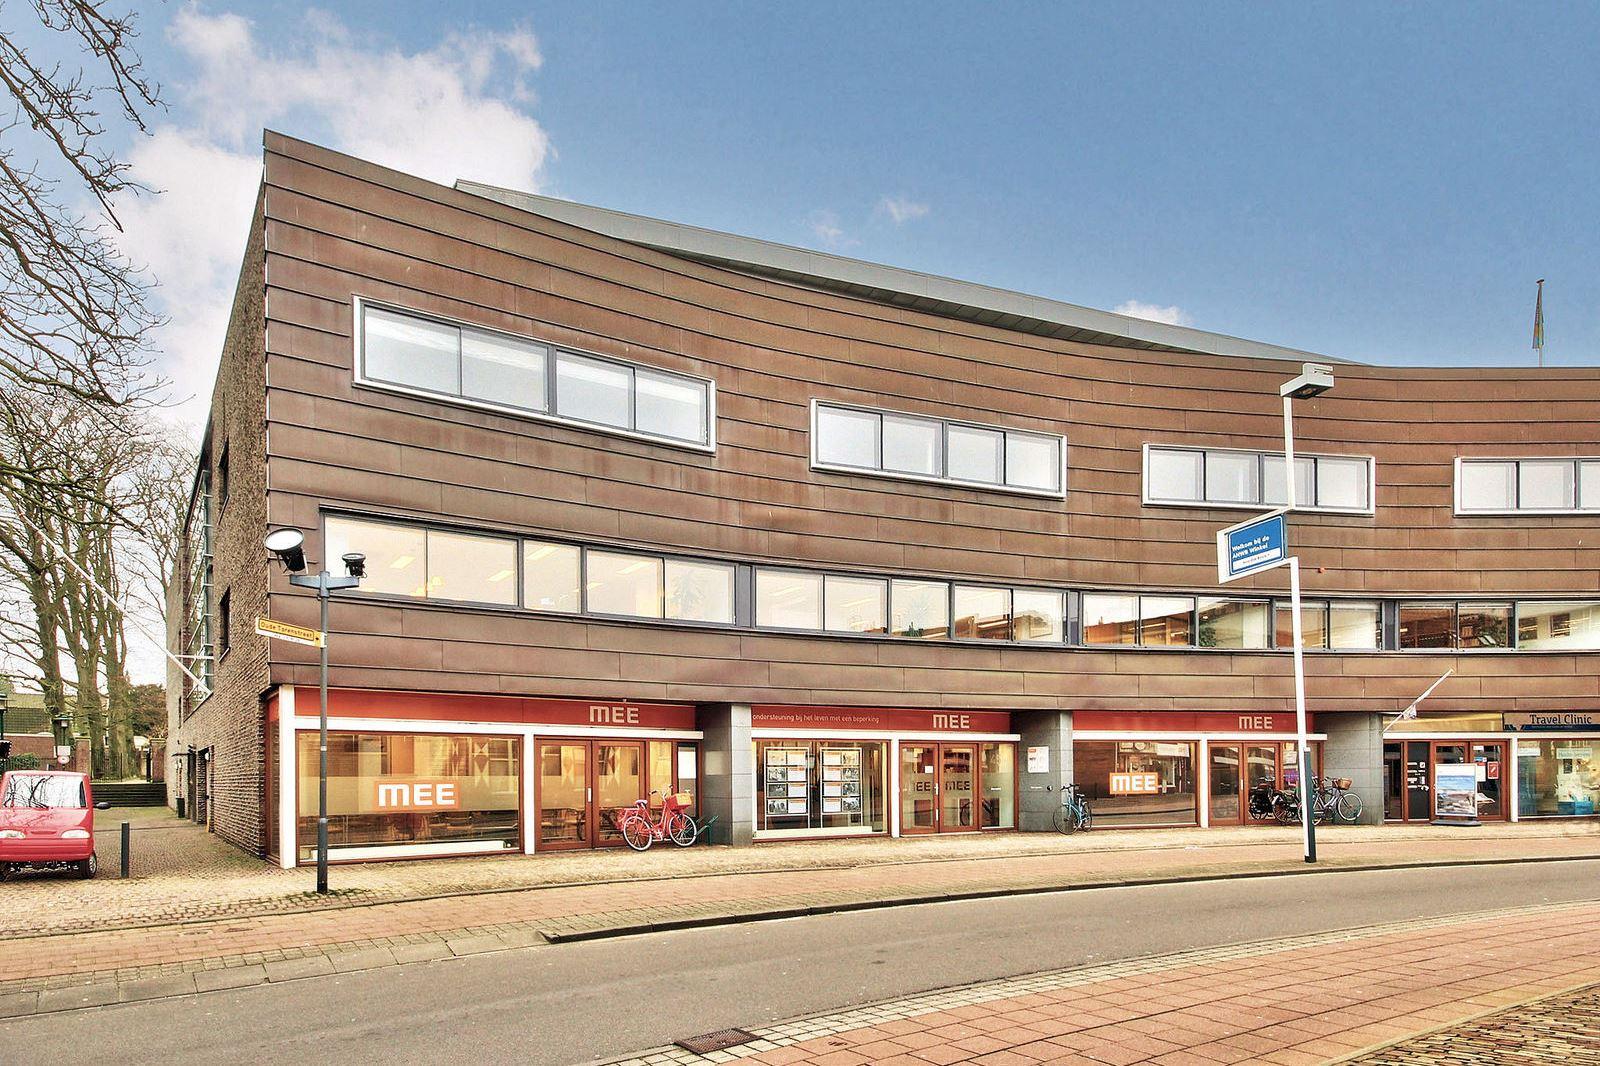 Kantoor hilversum zoek kantoren te huur oude torenstraat 41 47 1211 bv hilversum funda in - Oude kantoor schooljongen ...